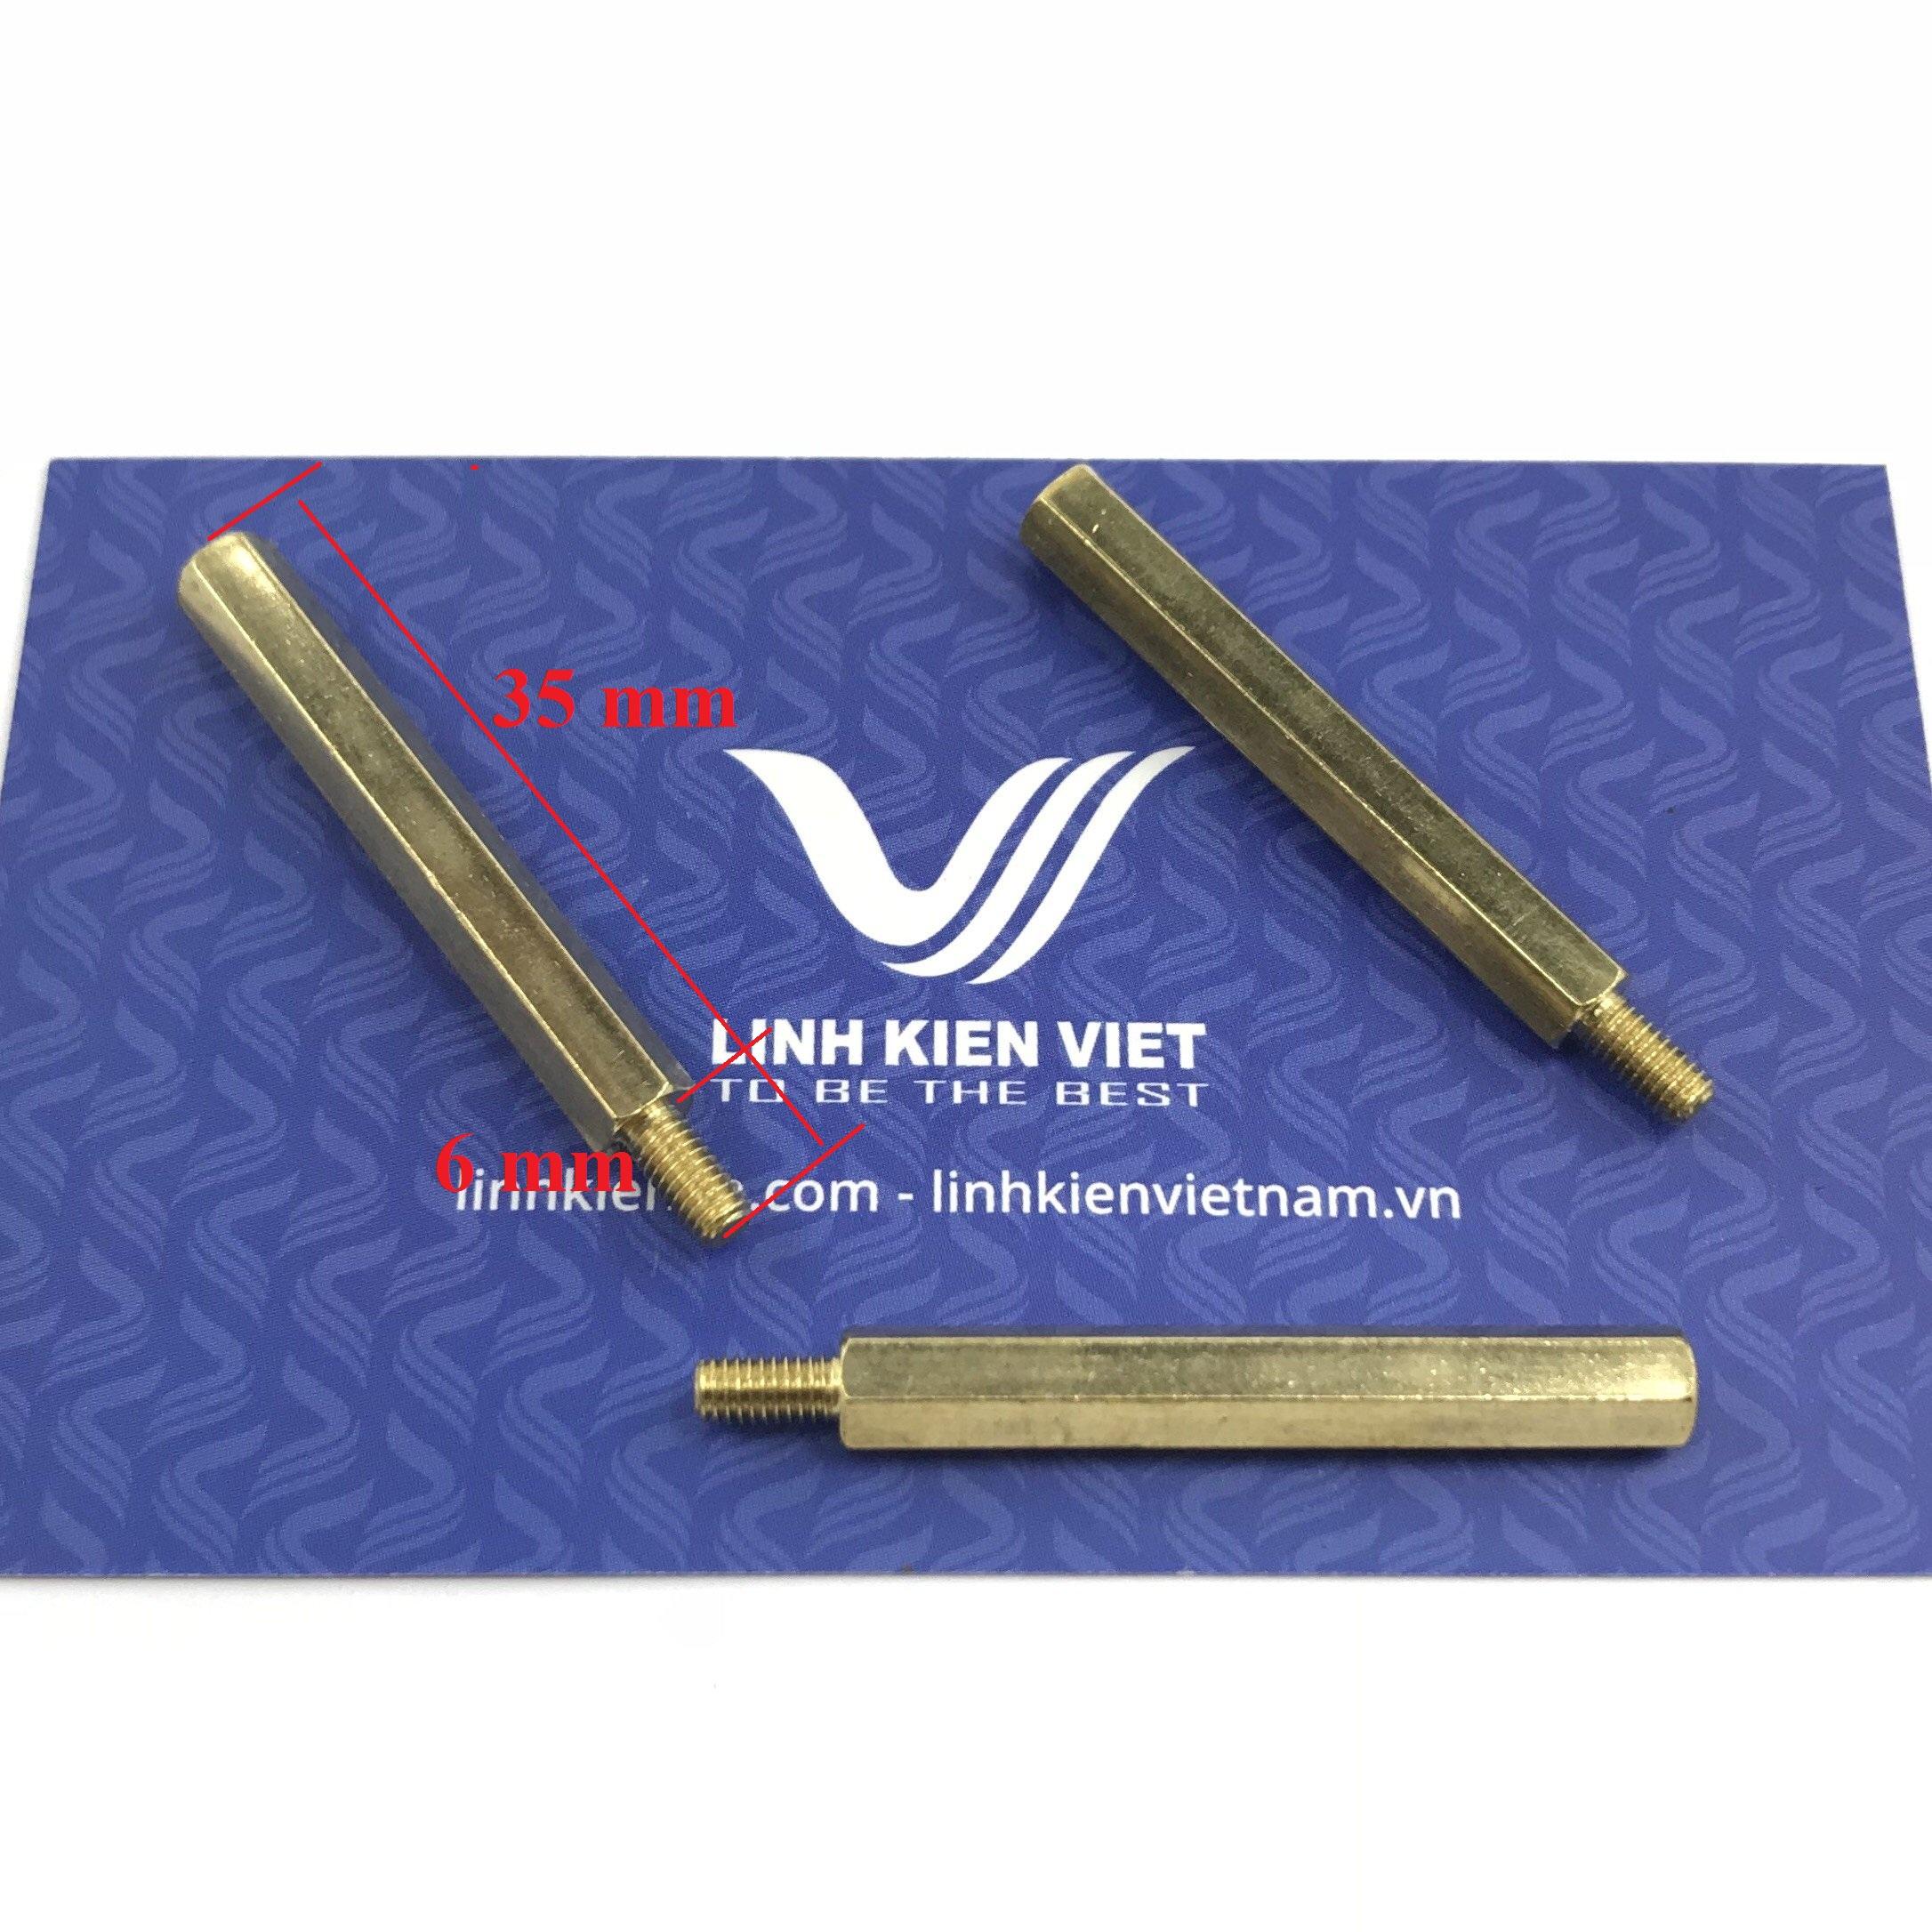 Cọc đồng M3 35+6mm đực-cái - J1H24